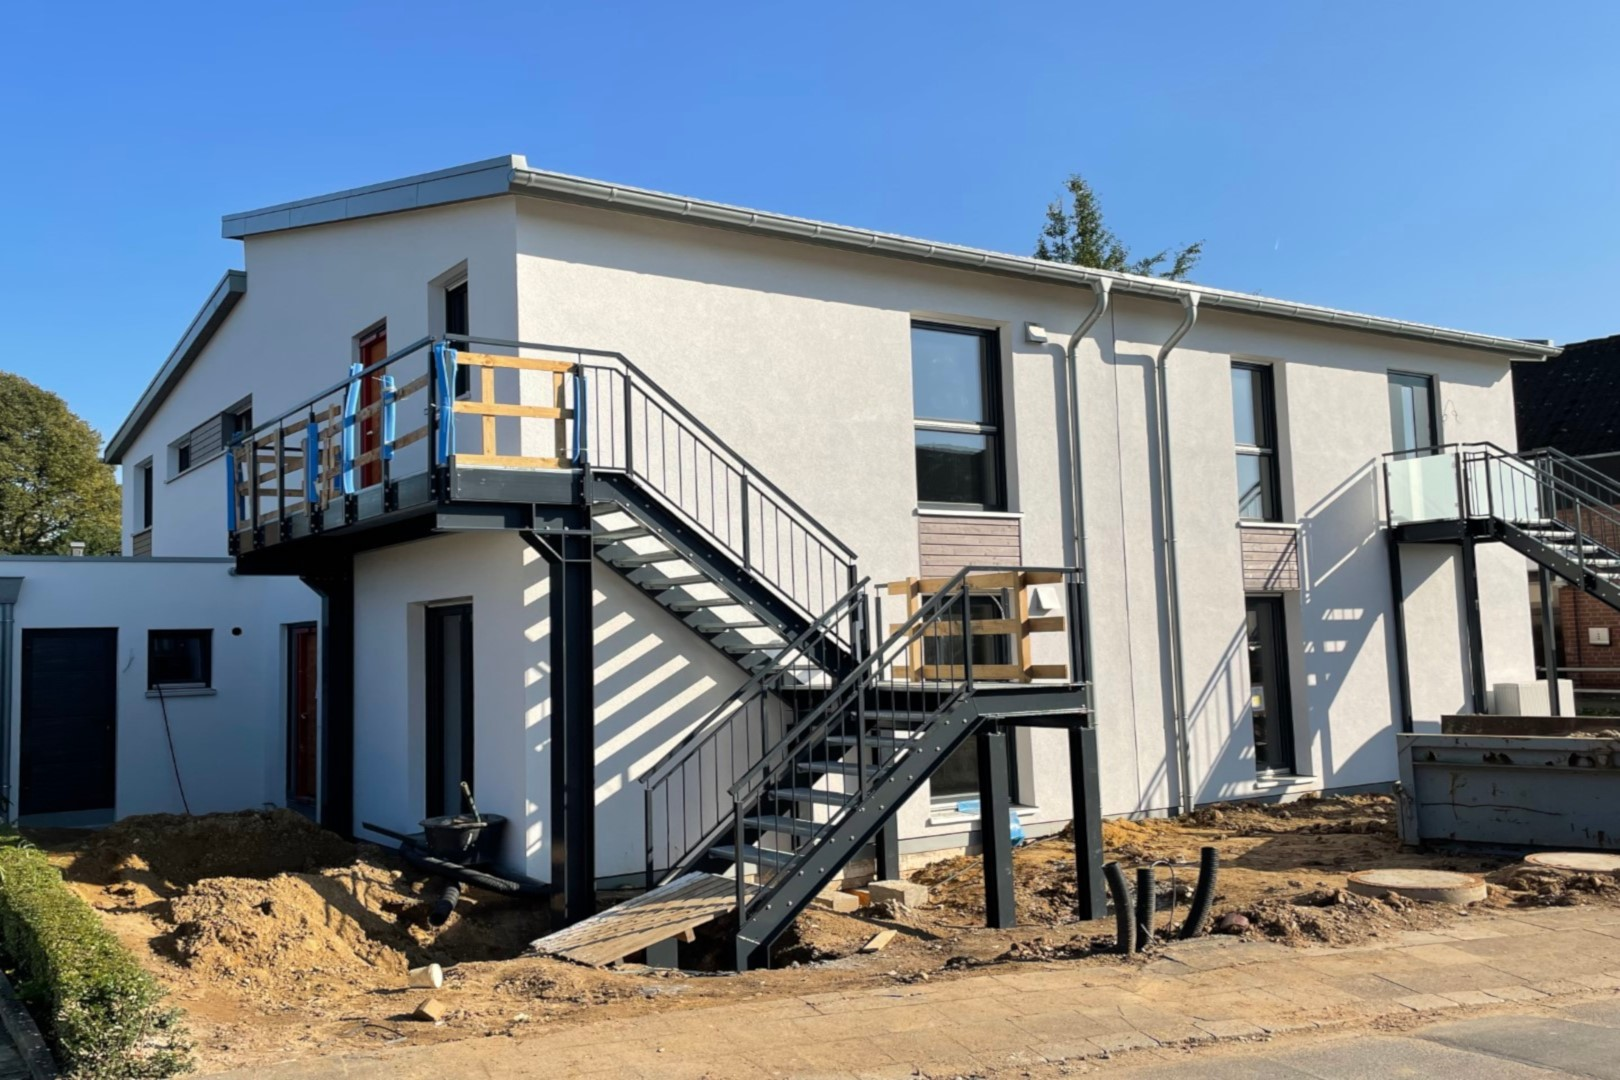 Immobilie Nr.0362b - Etagenwohung mit externem Zugang als 3-Zimmer-Whg. - Bild 8.jpg